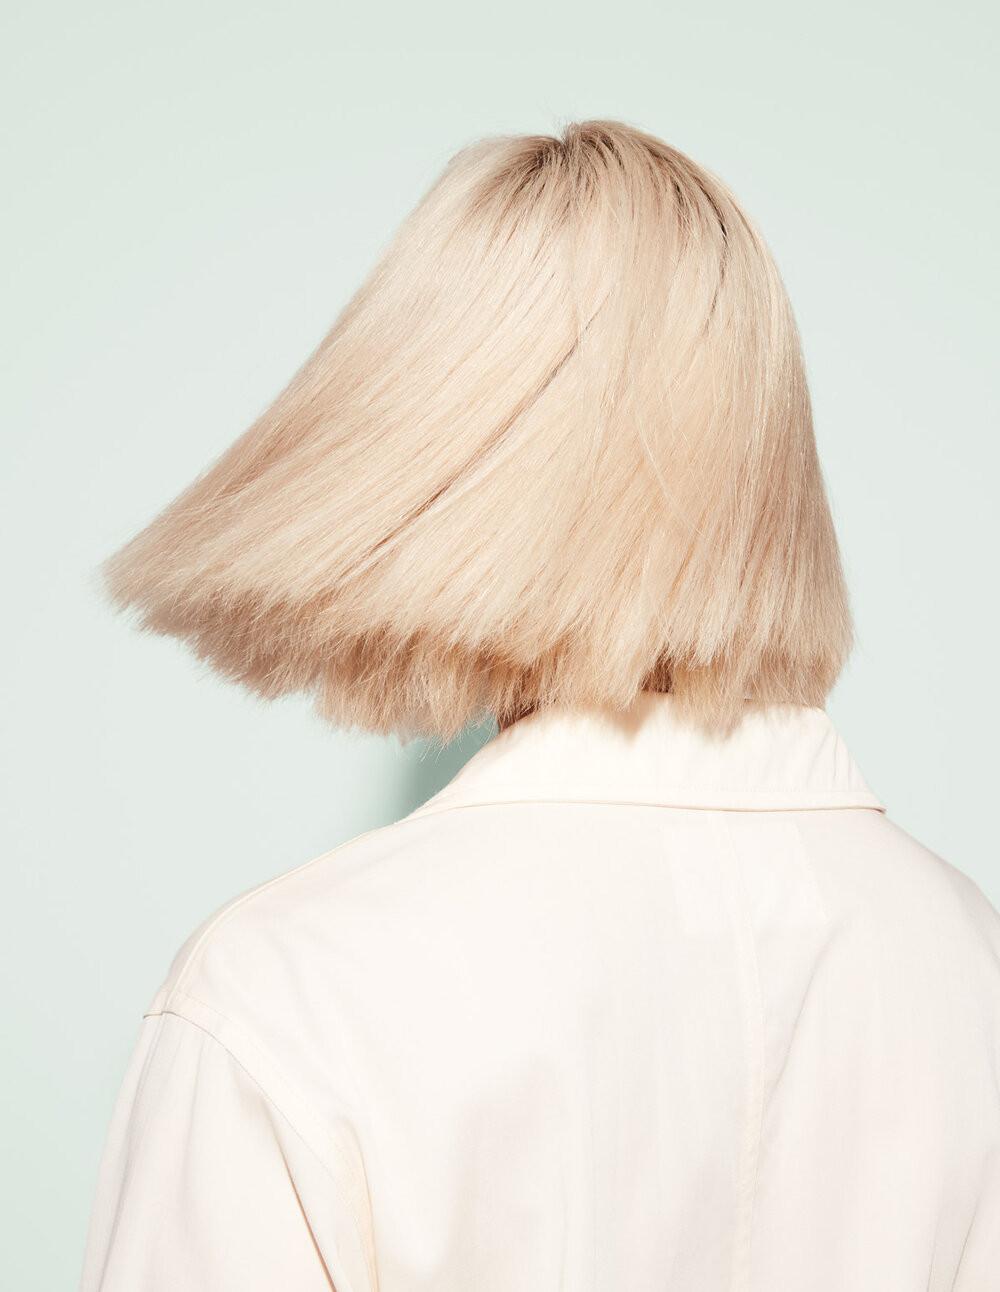 12odele-smoothing-hair-01-1200x1550.jpg